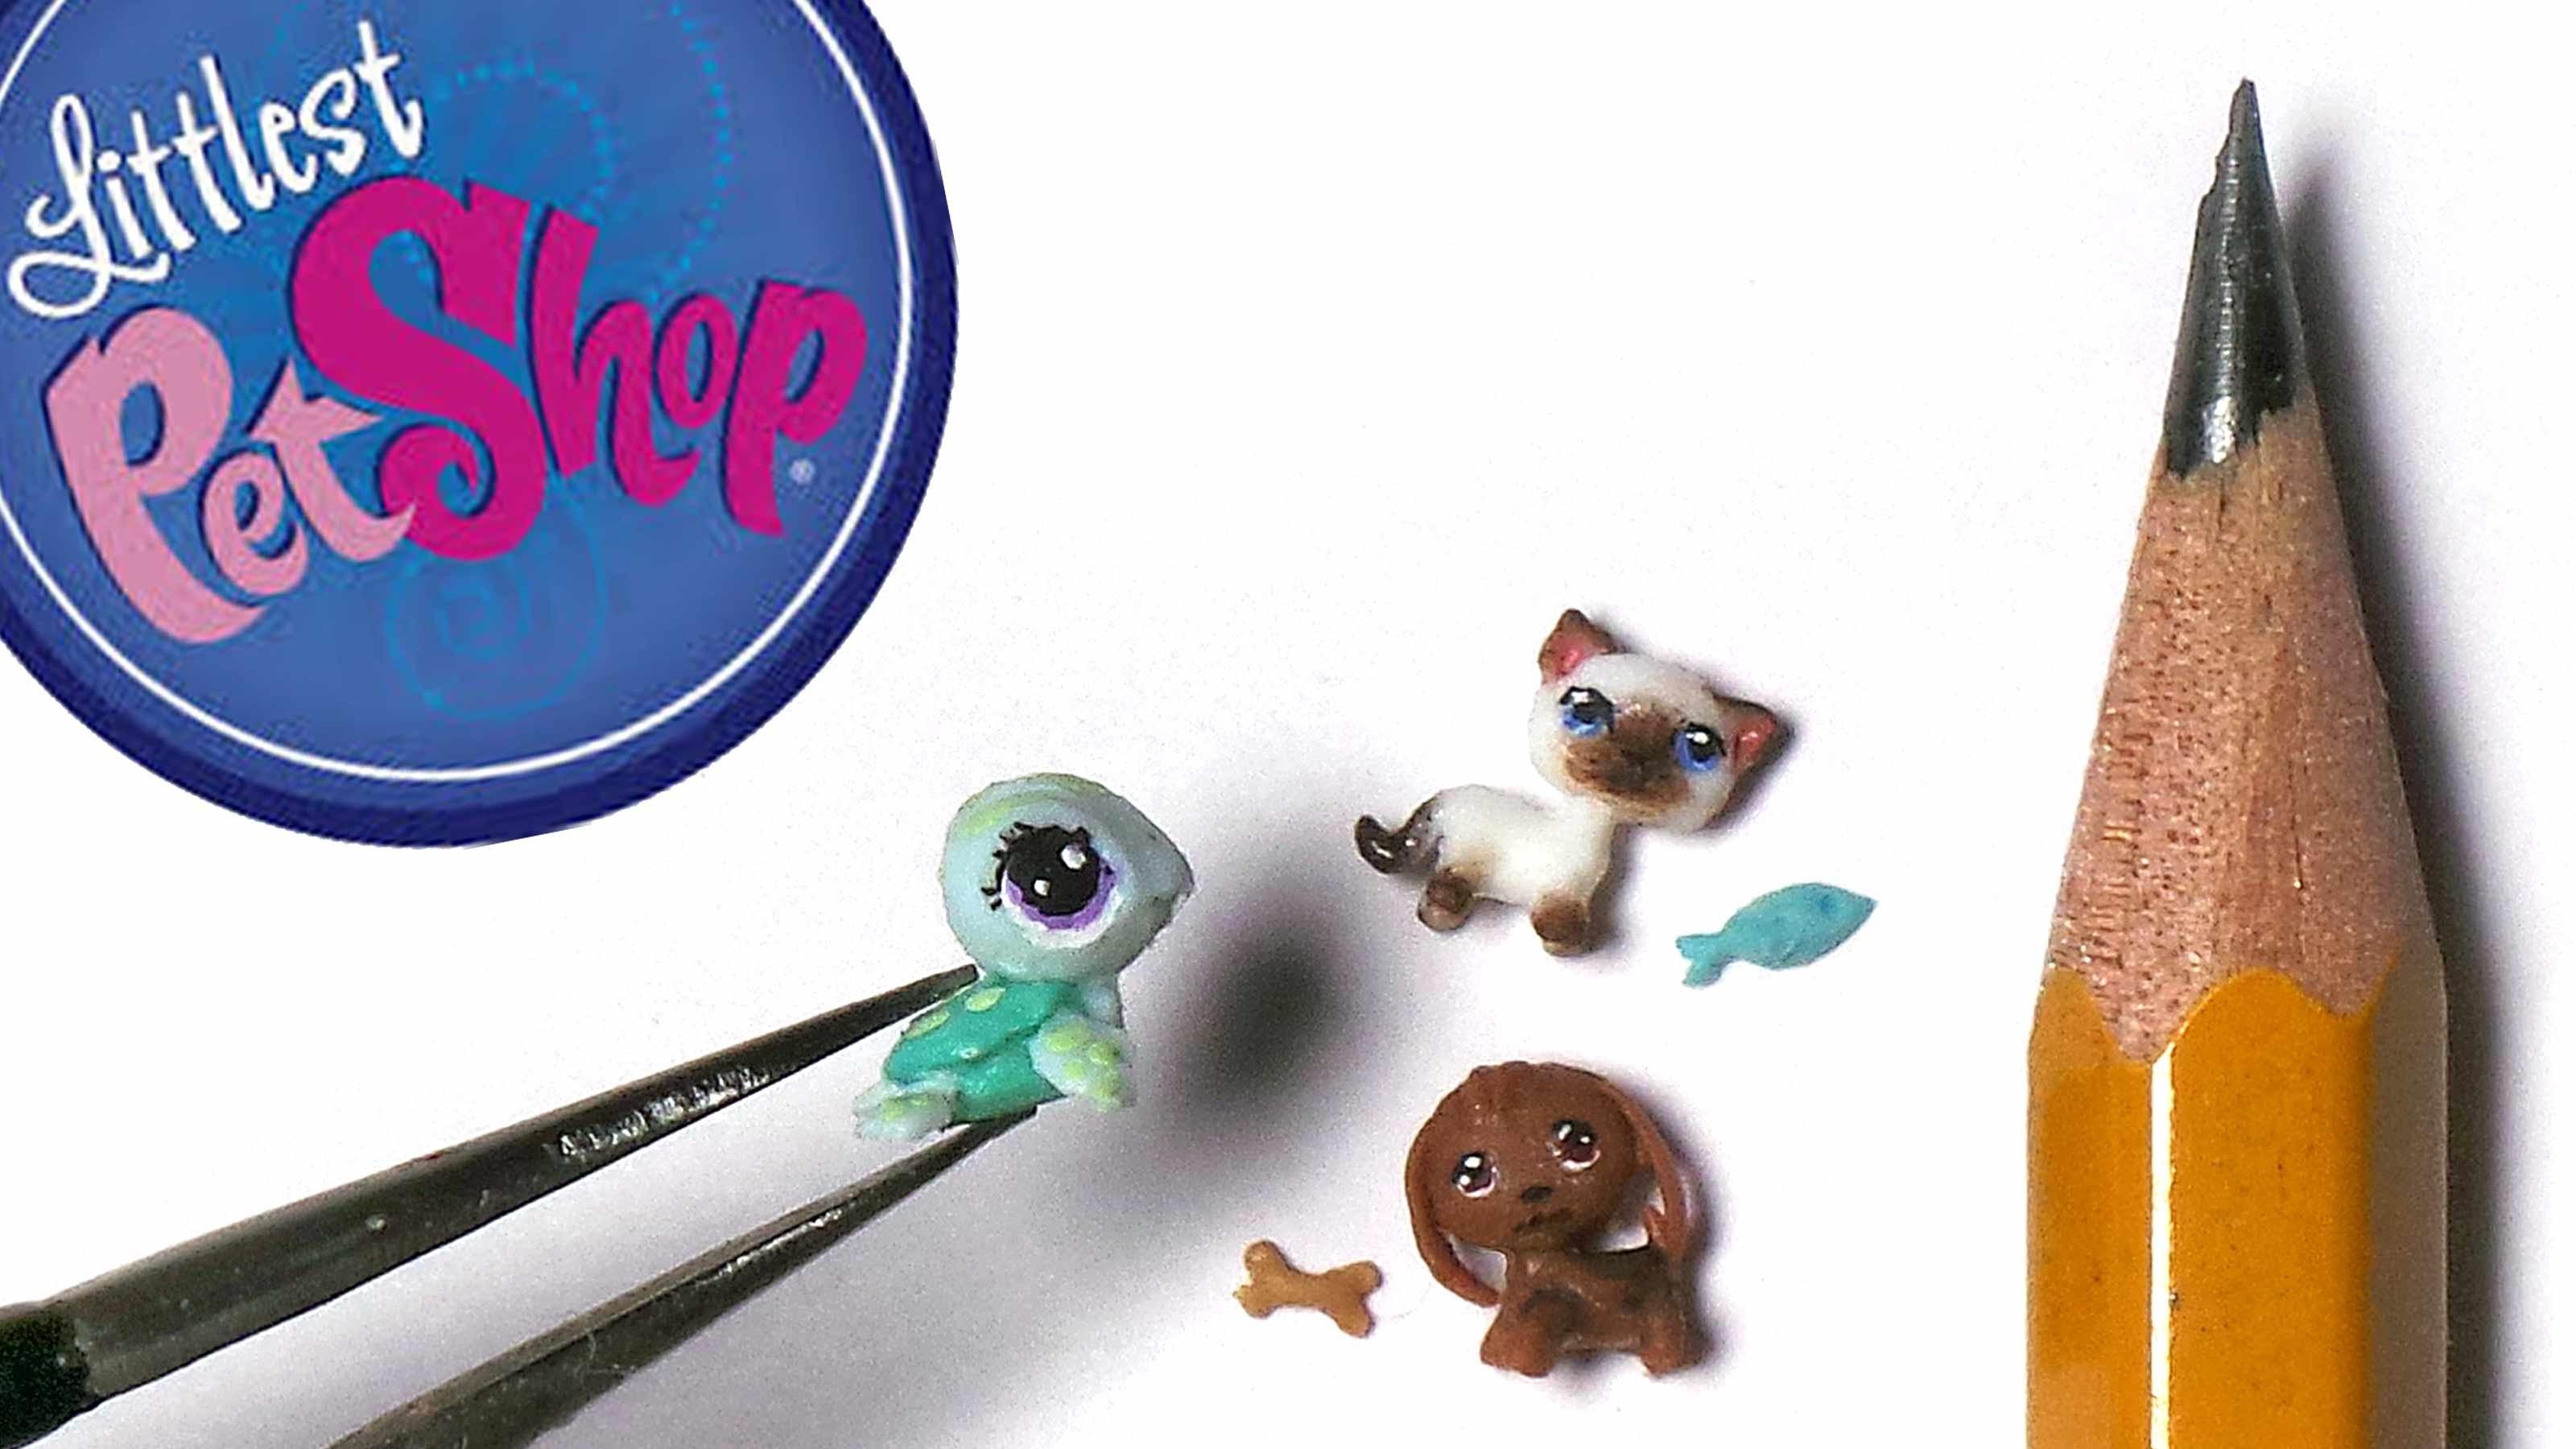 Miniature; Littlest Pet Shop Polymer Clay Tutorial